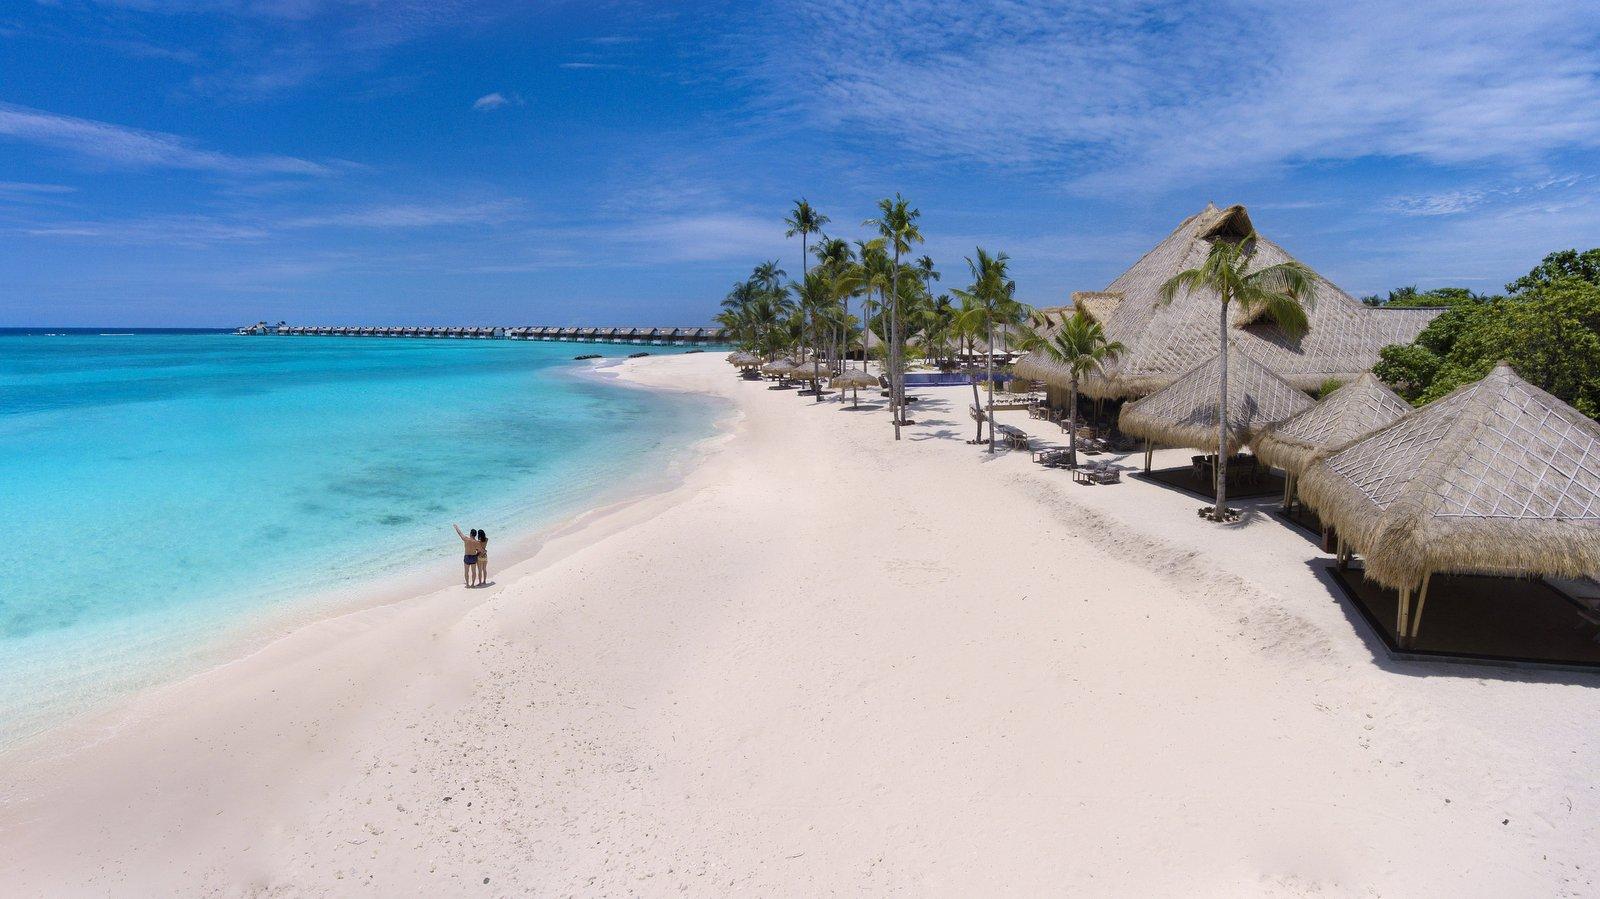 Мальдивы, отель Emerald Maldives Resort & Spa, пляж